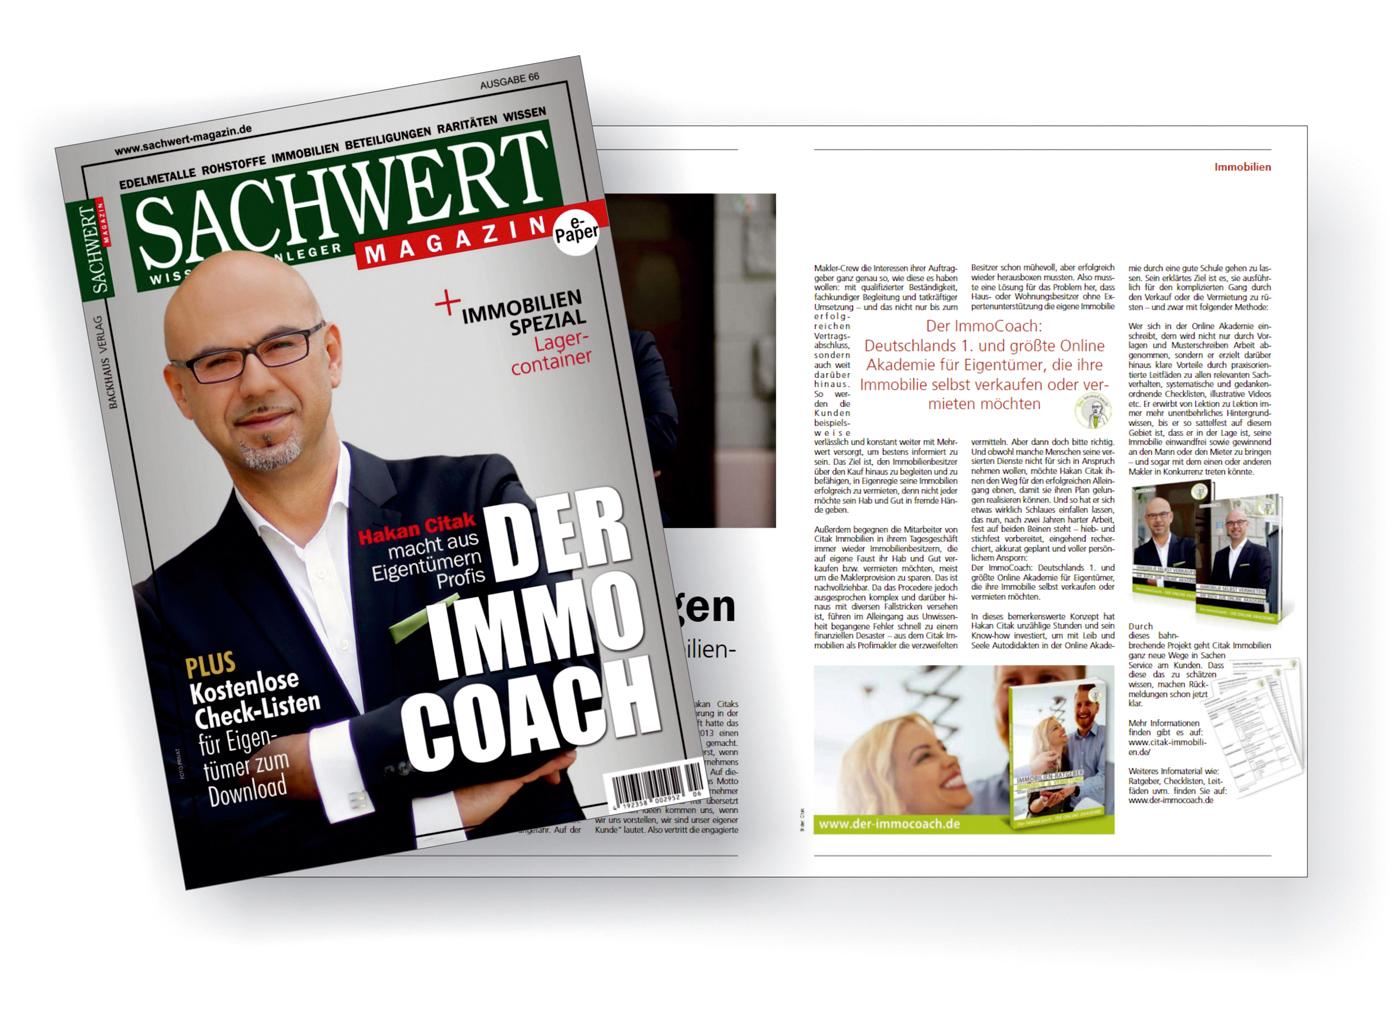 Der ImmoCoach Im Sachwert Magazin - Titelseite - Hakan Citak